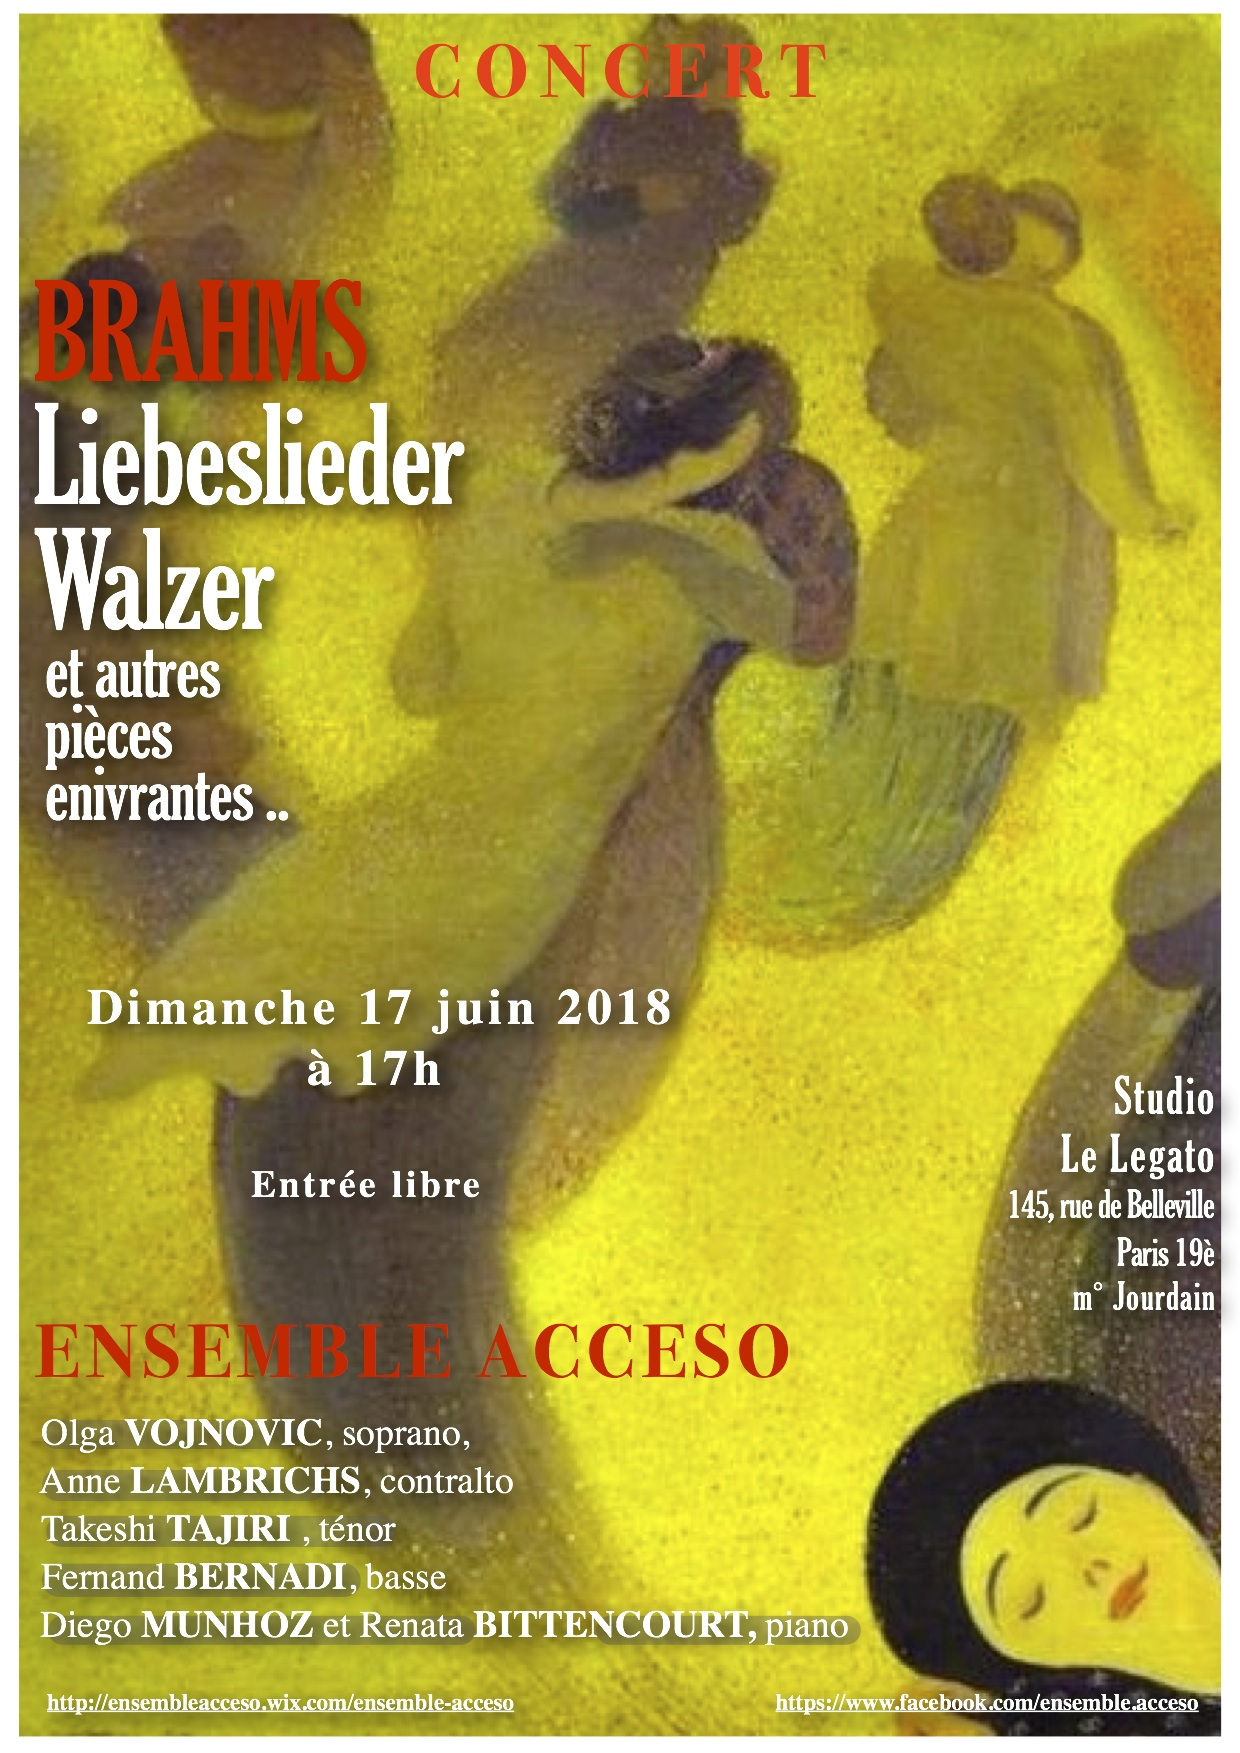 Affiche Brahms 17 juin 2018